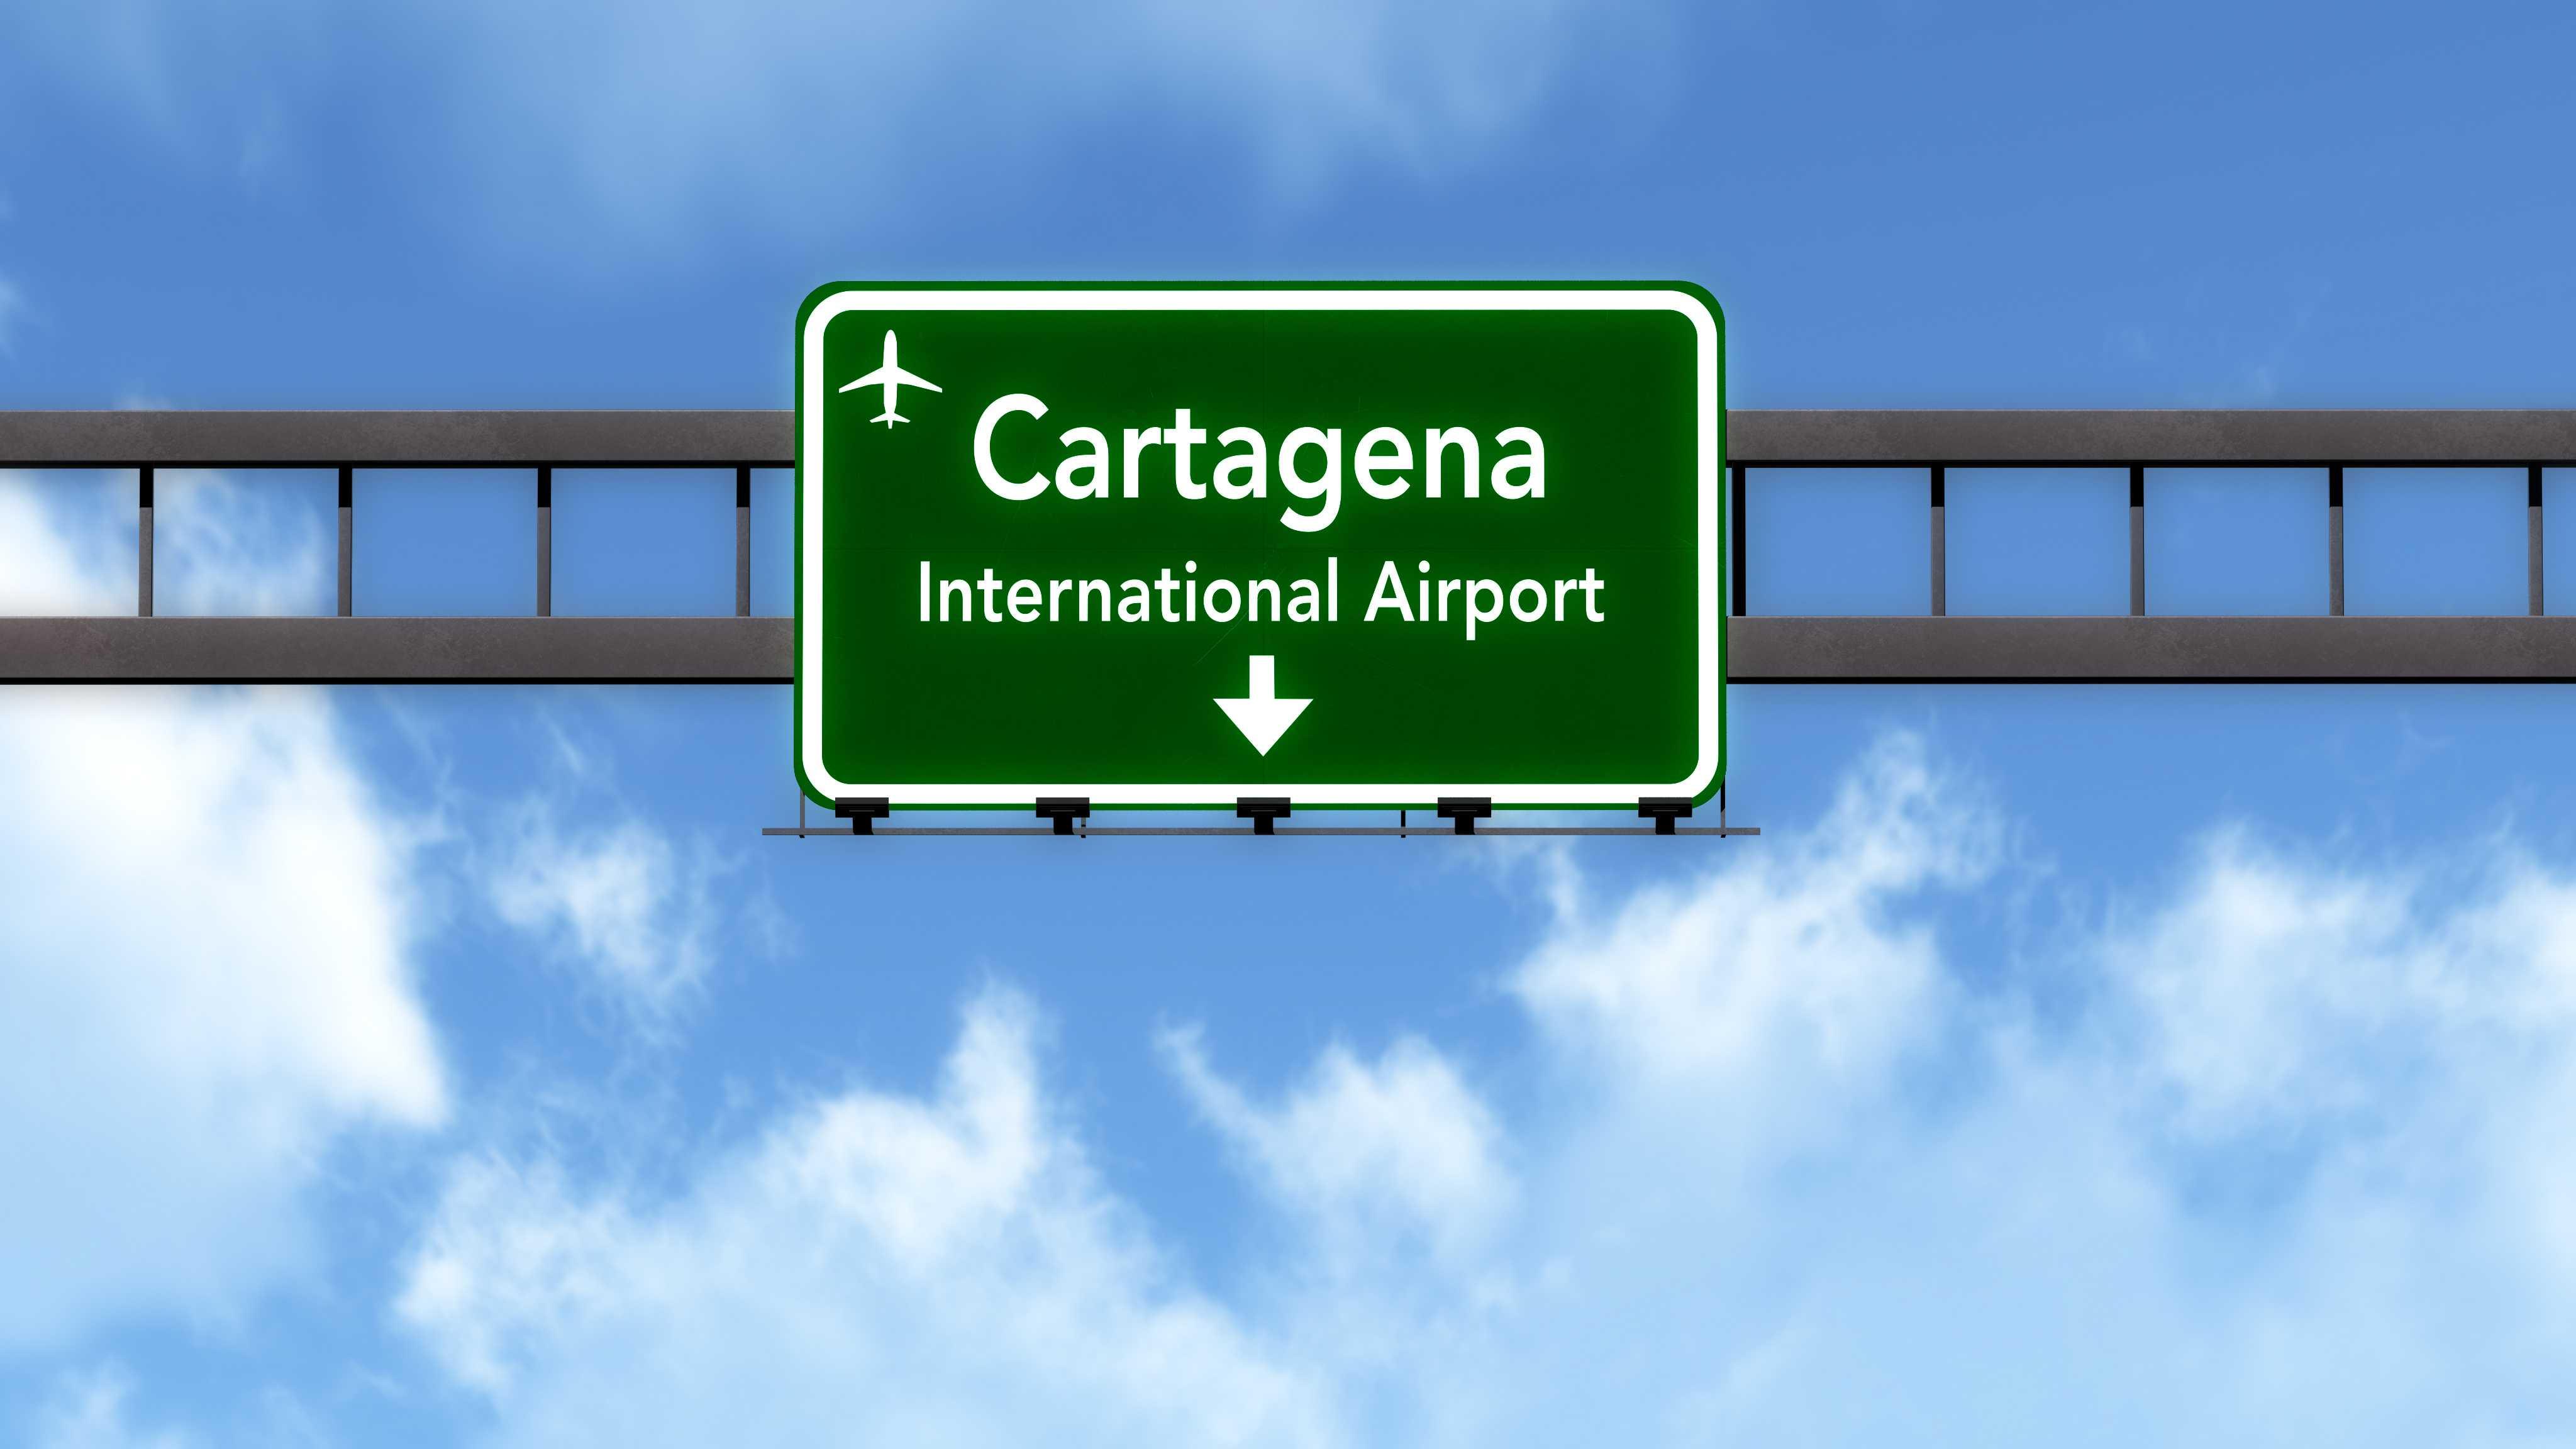 Traslado de Saída Hotel/Aeroporto - regular